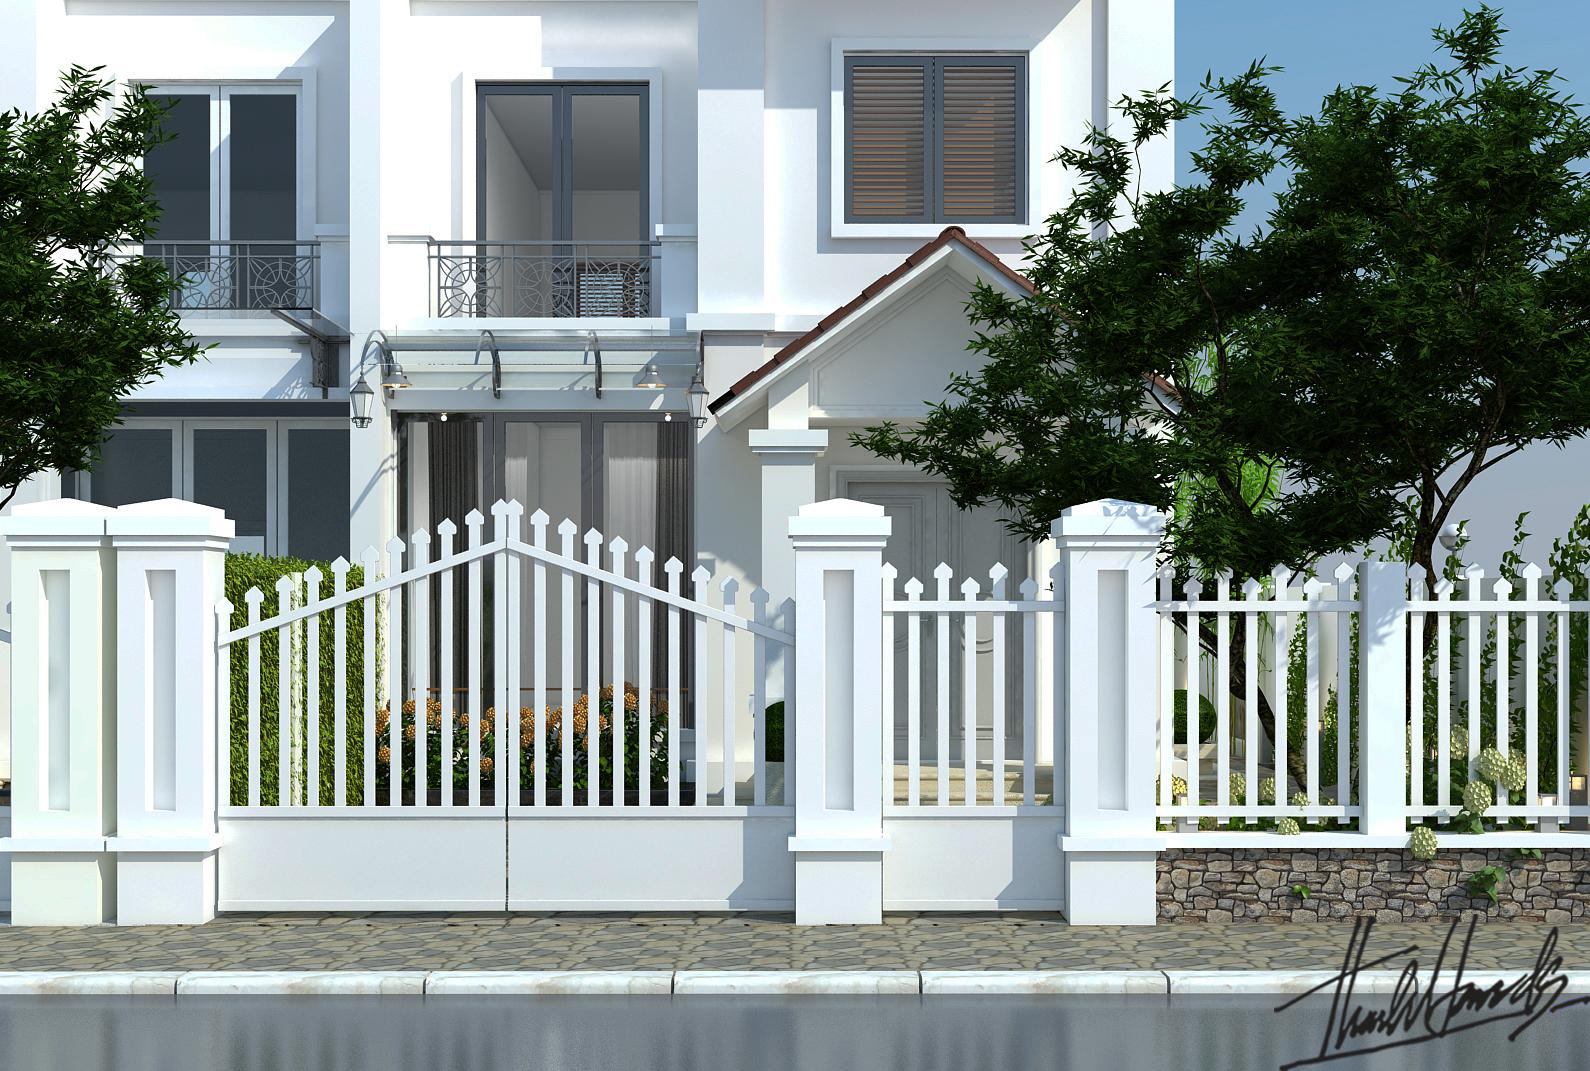 thiết kế nội thất Biệt Thự tại Hà Nội bt Vinhomes - riverside 7 1568274530